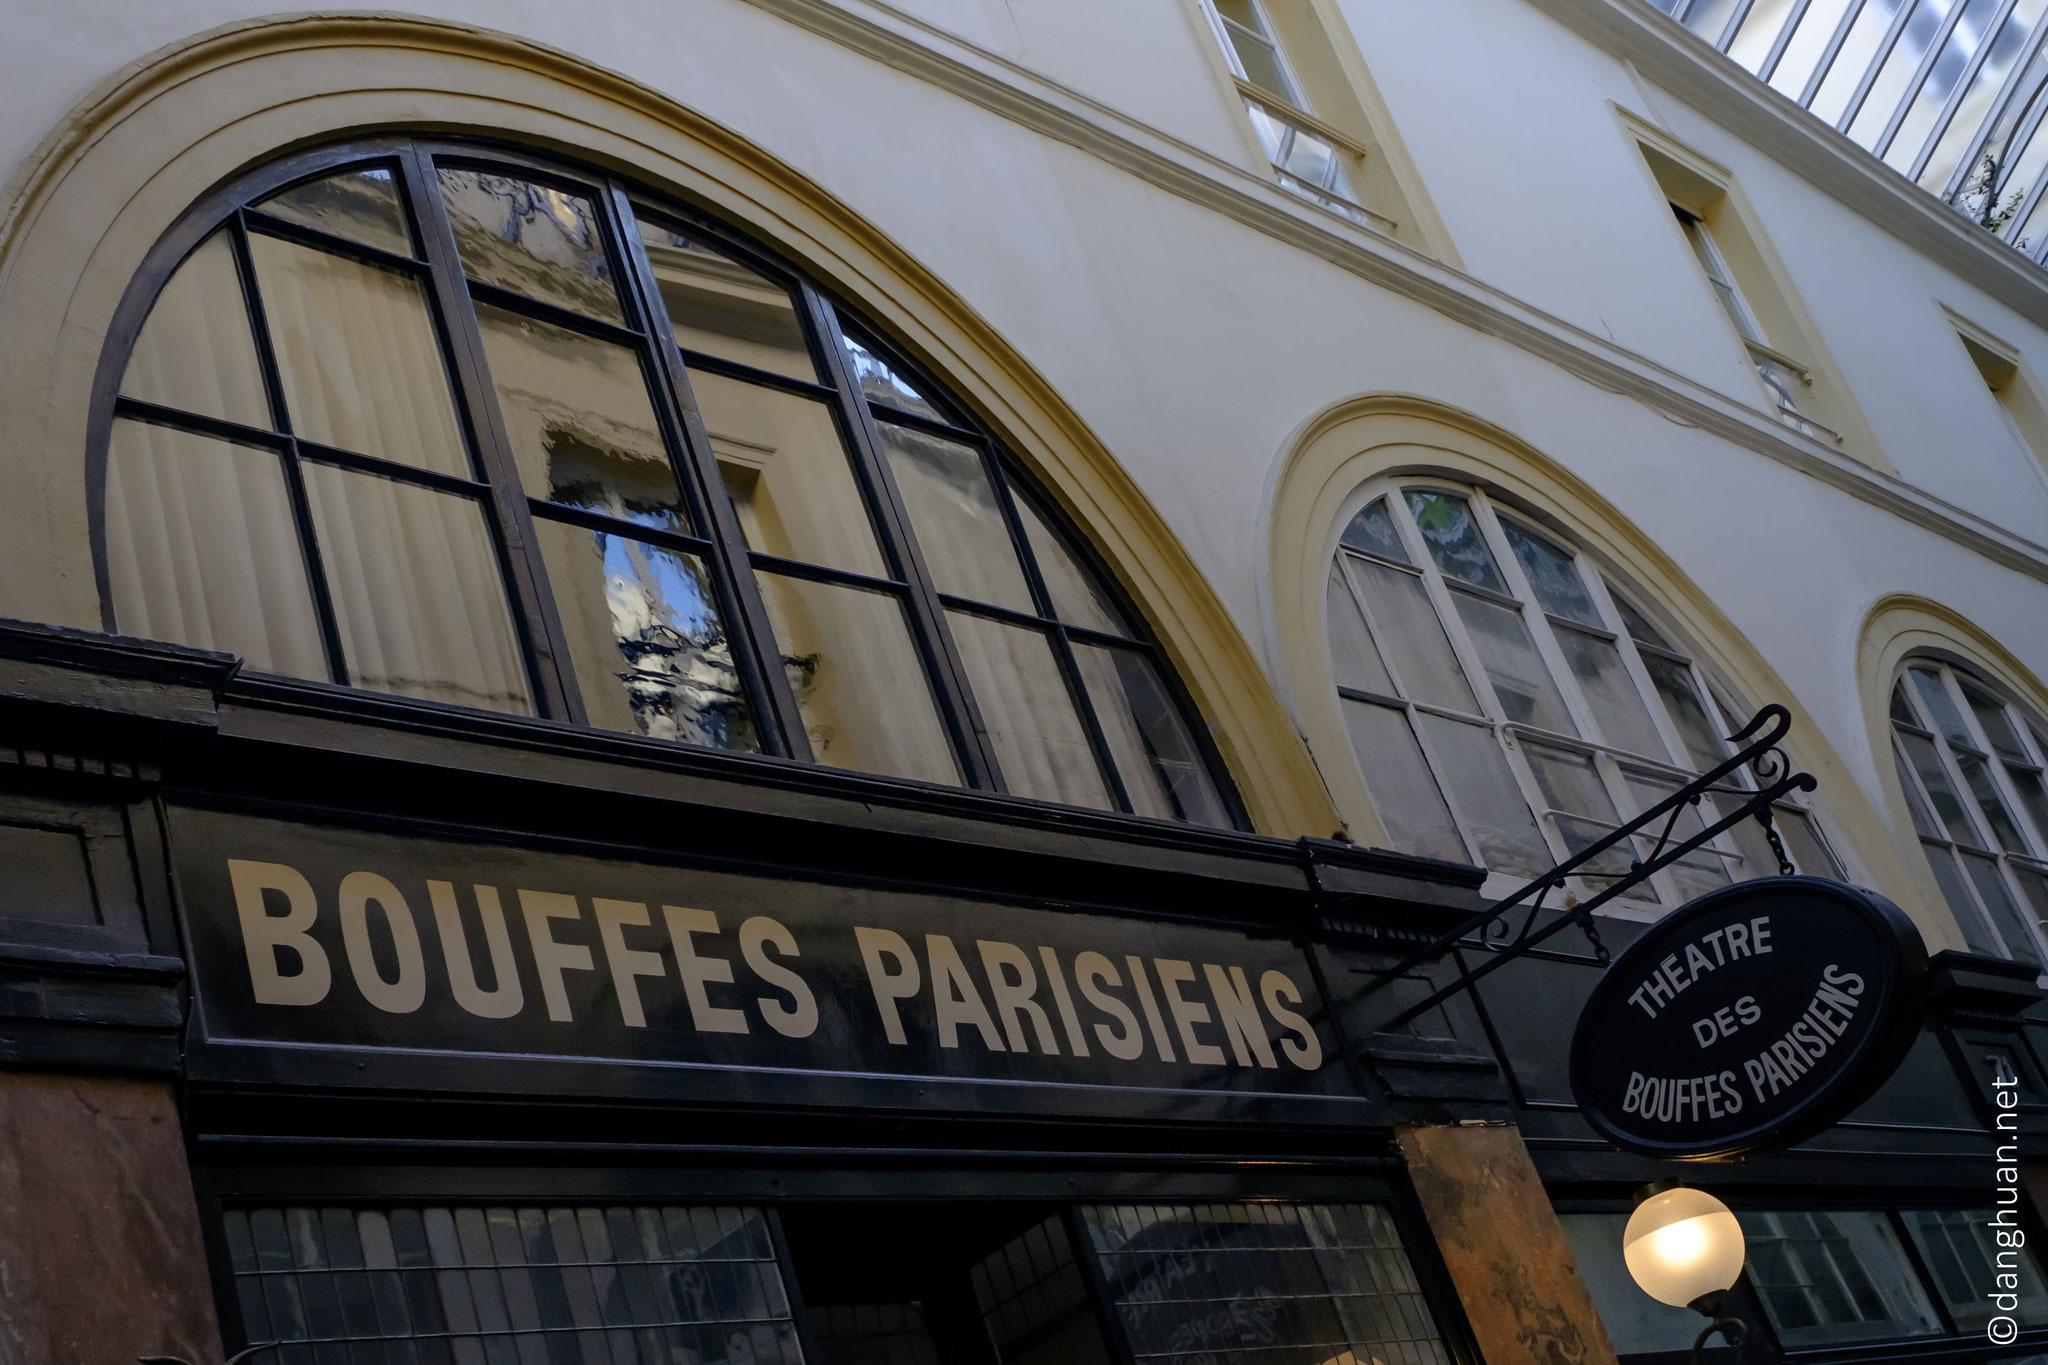 Abritant le théâtre des Bouffes Parisiens, ce passage abrite de nombreux restaurants, de boutiques de prêt-à-porter